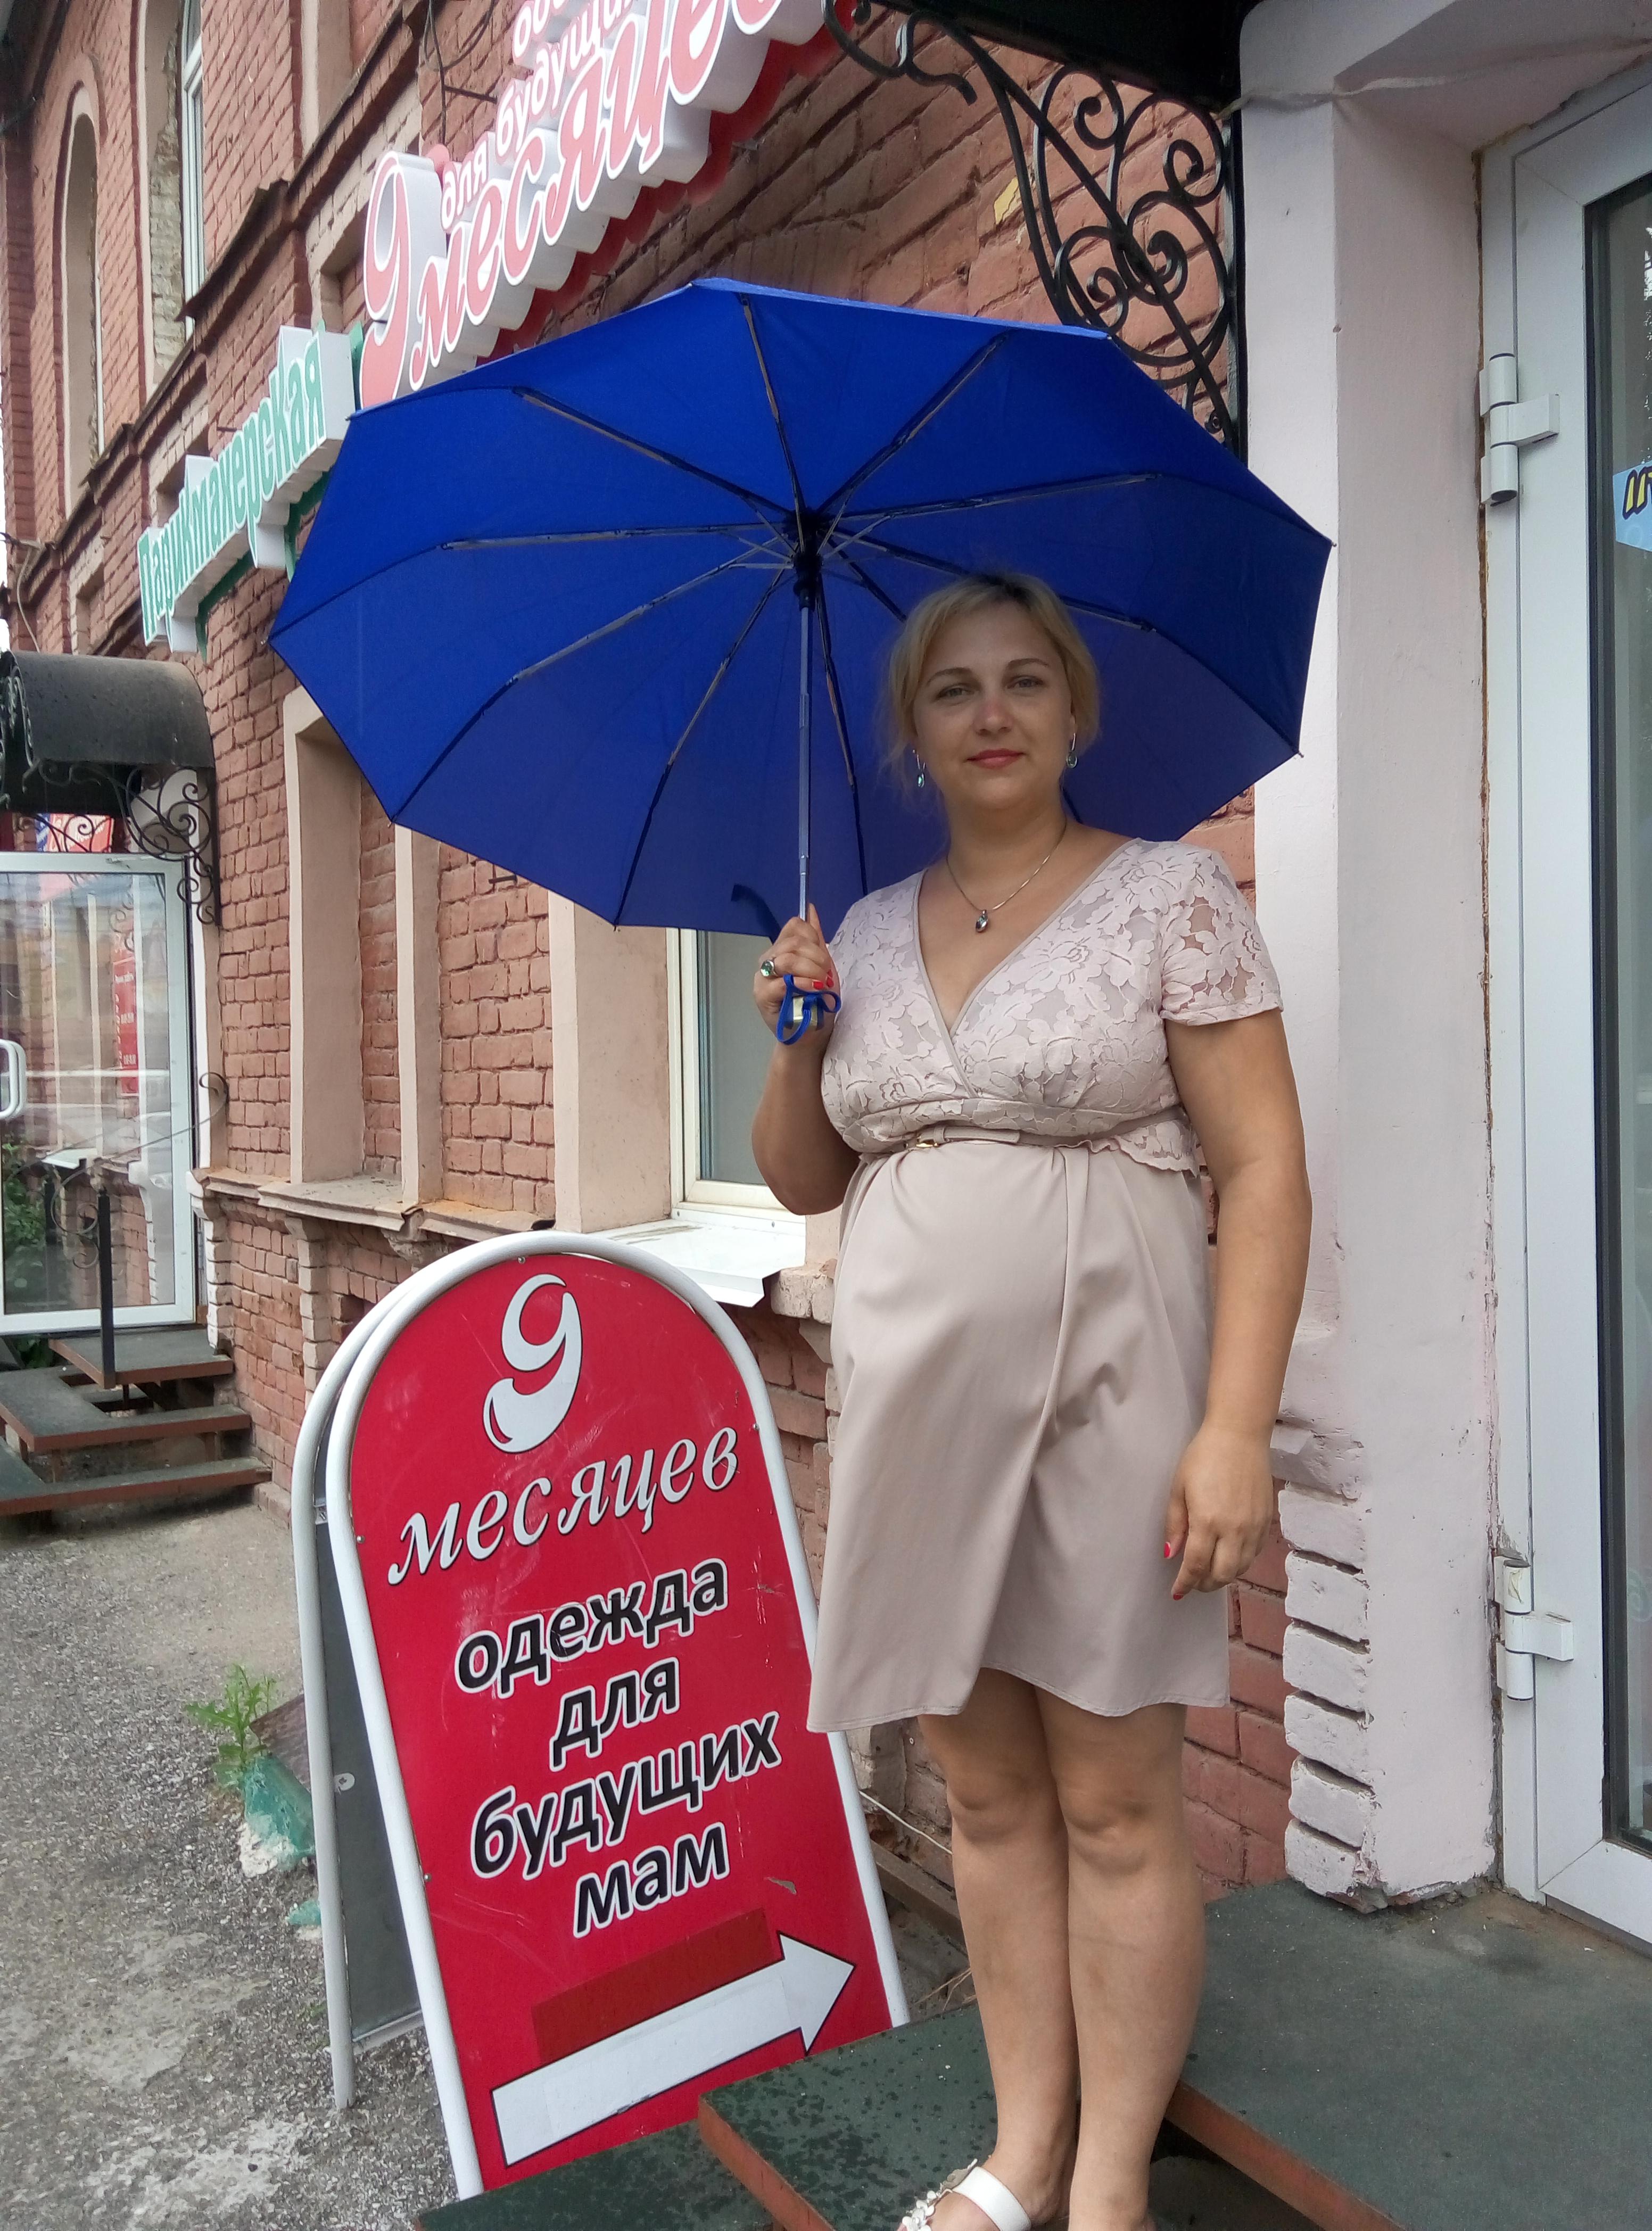 платье, производство Турция, рр 46, 48,50, цена 4900, цена со скидкой 2950! Цвет чайная роза, гипюр